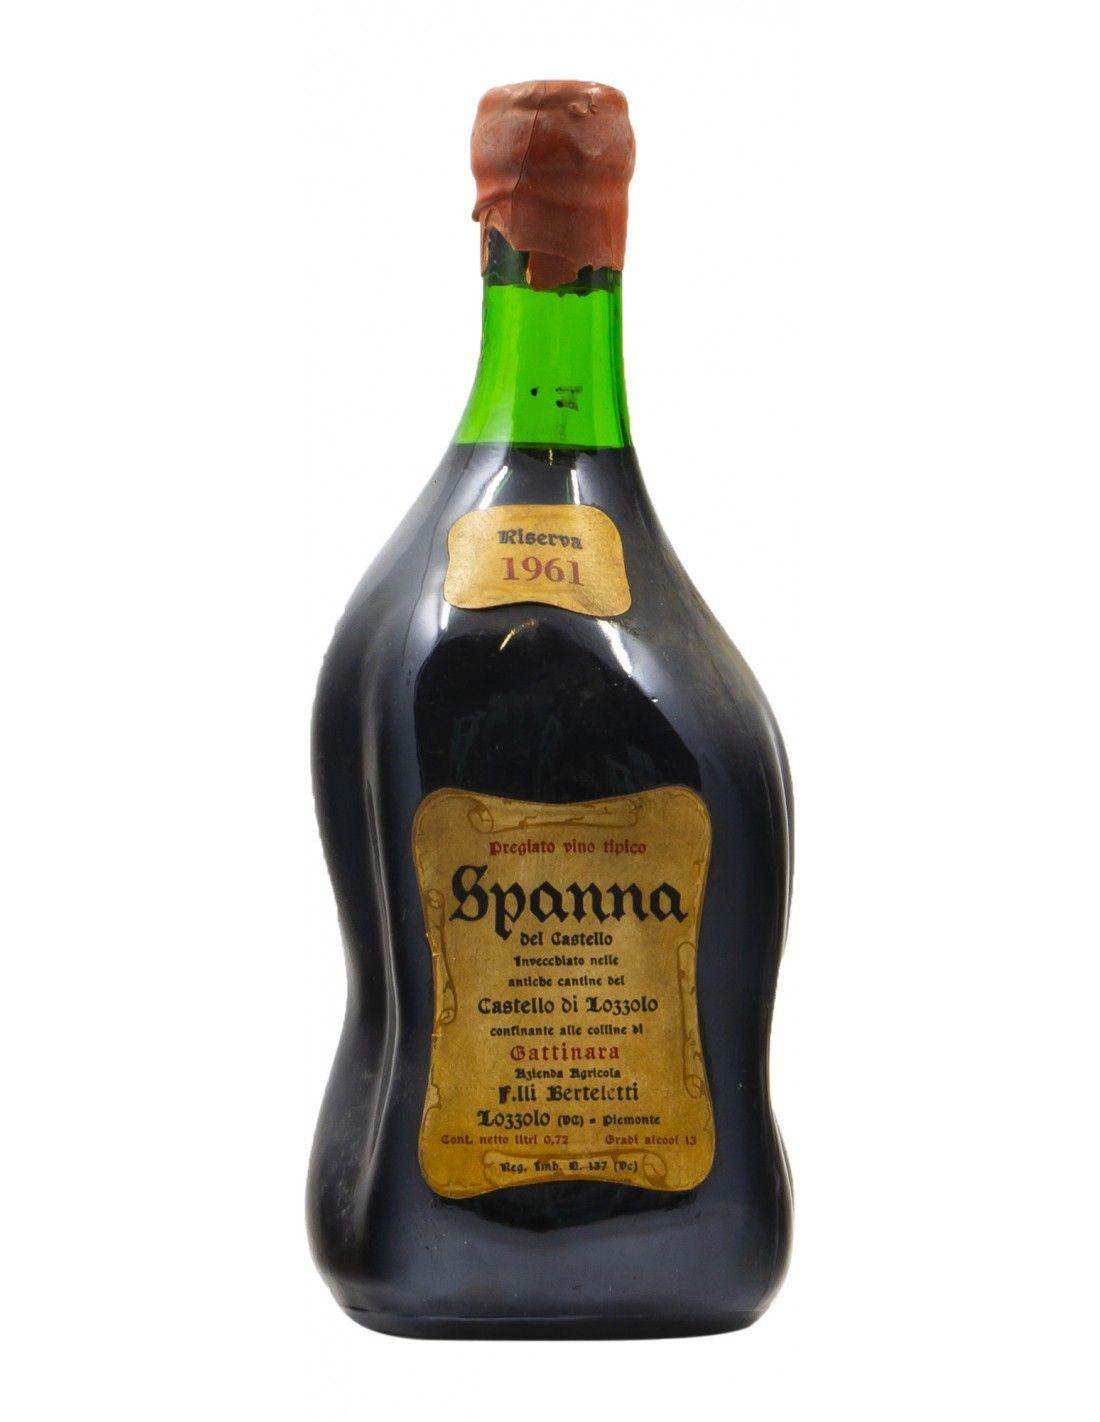 SPANNA RISERVA CASTELLO DI LOZZOLO 1961 FRATELLI BERTELETTI Grandi Bottiglie